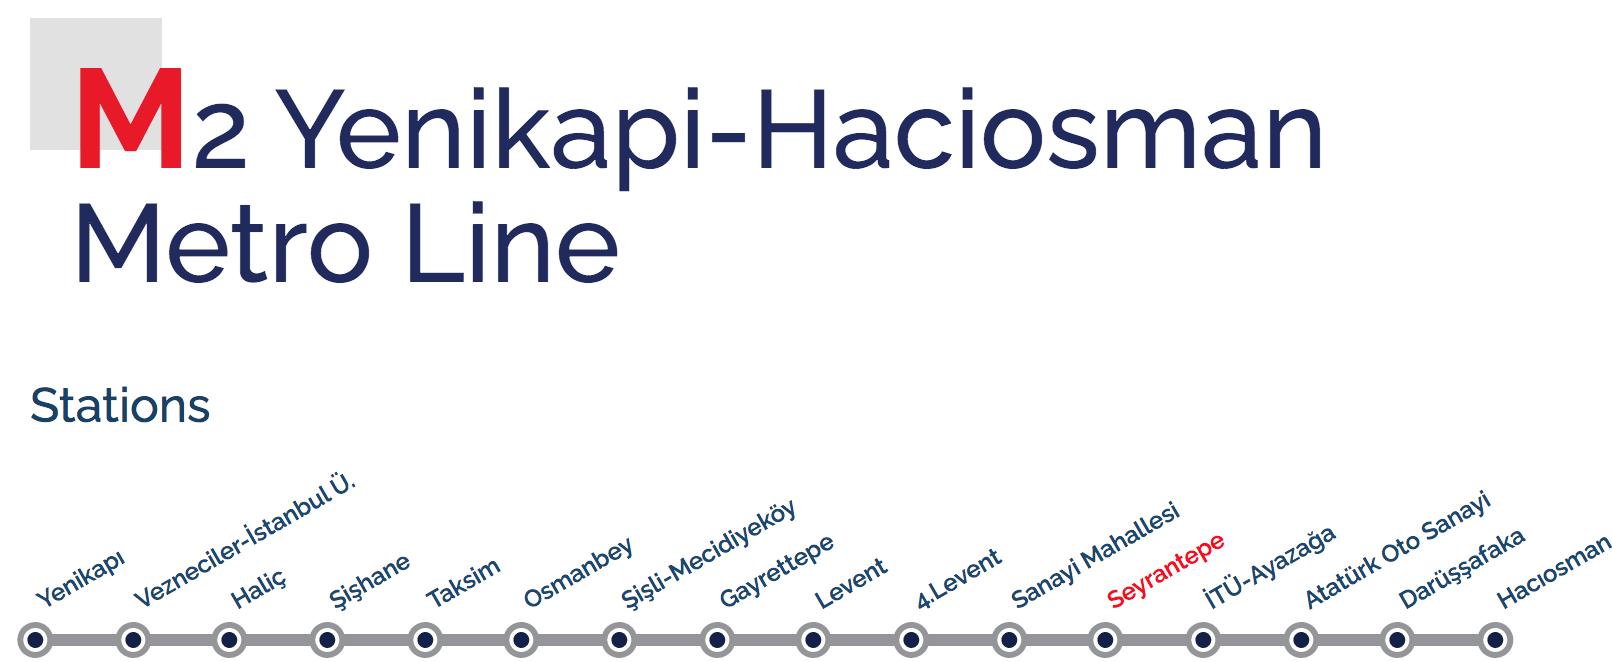 Маршрут метро M2